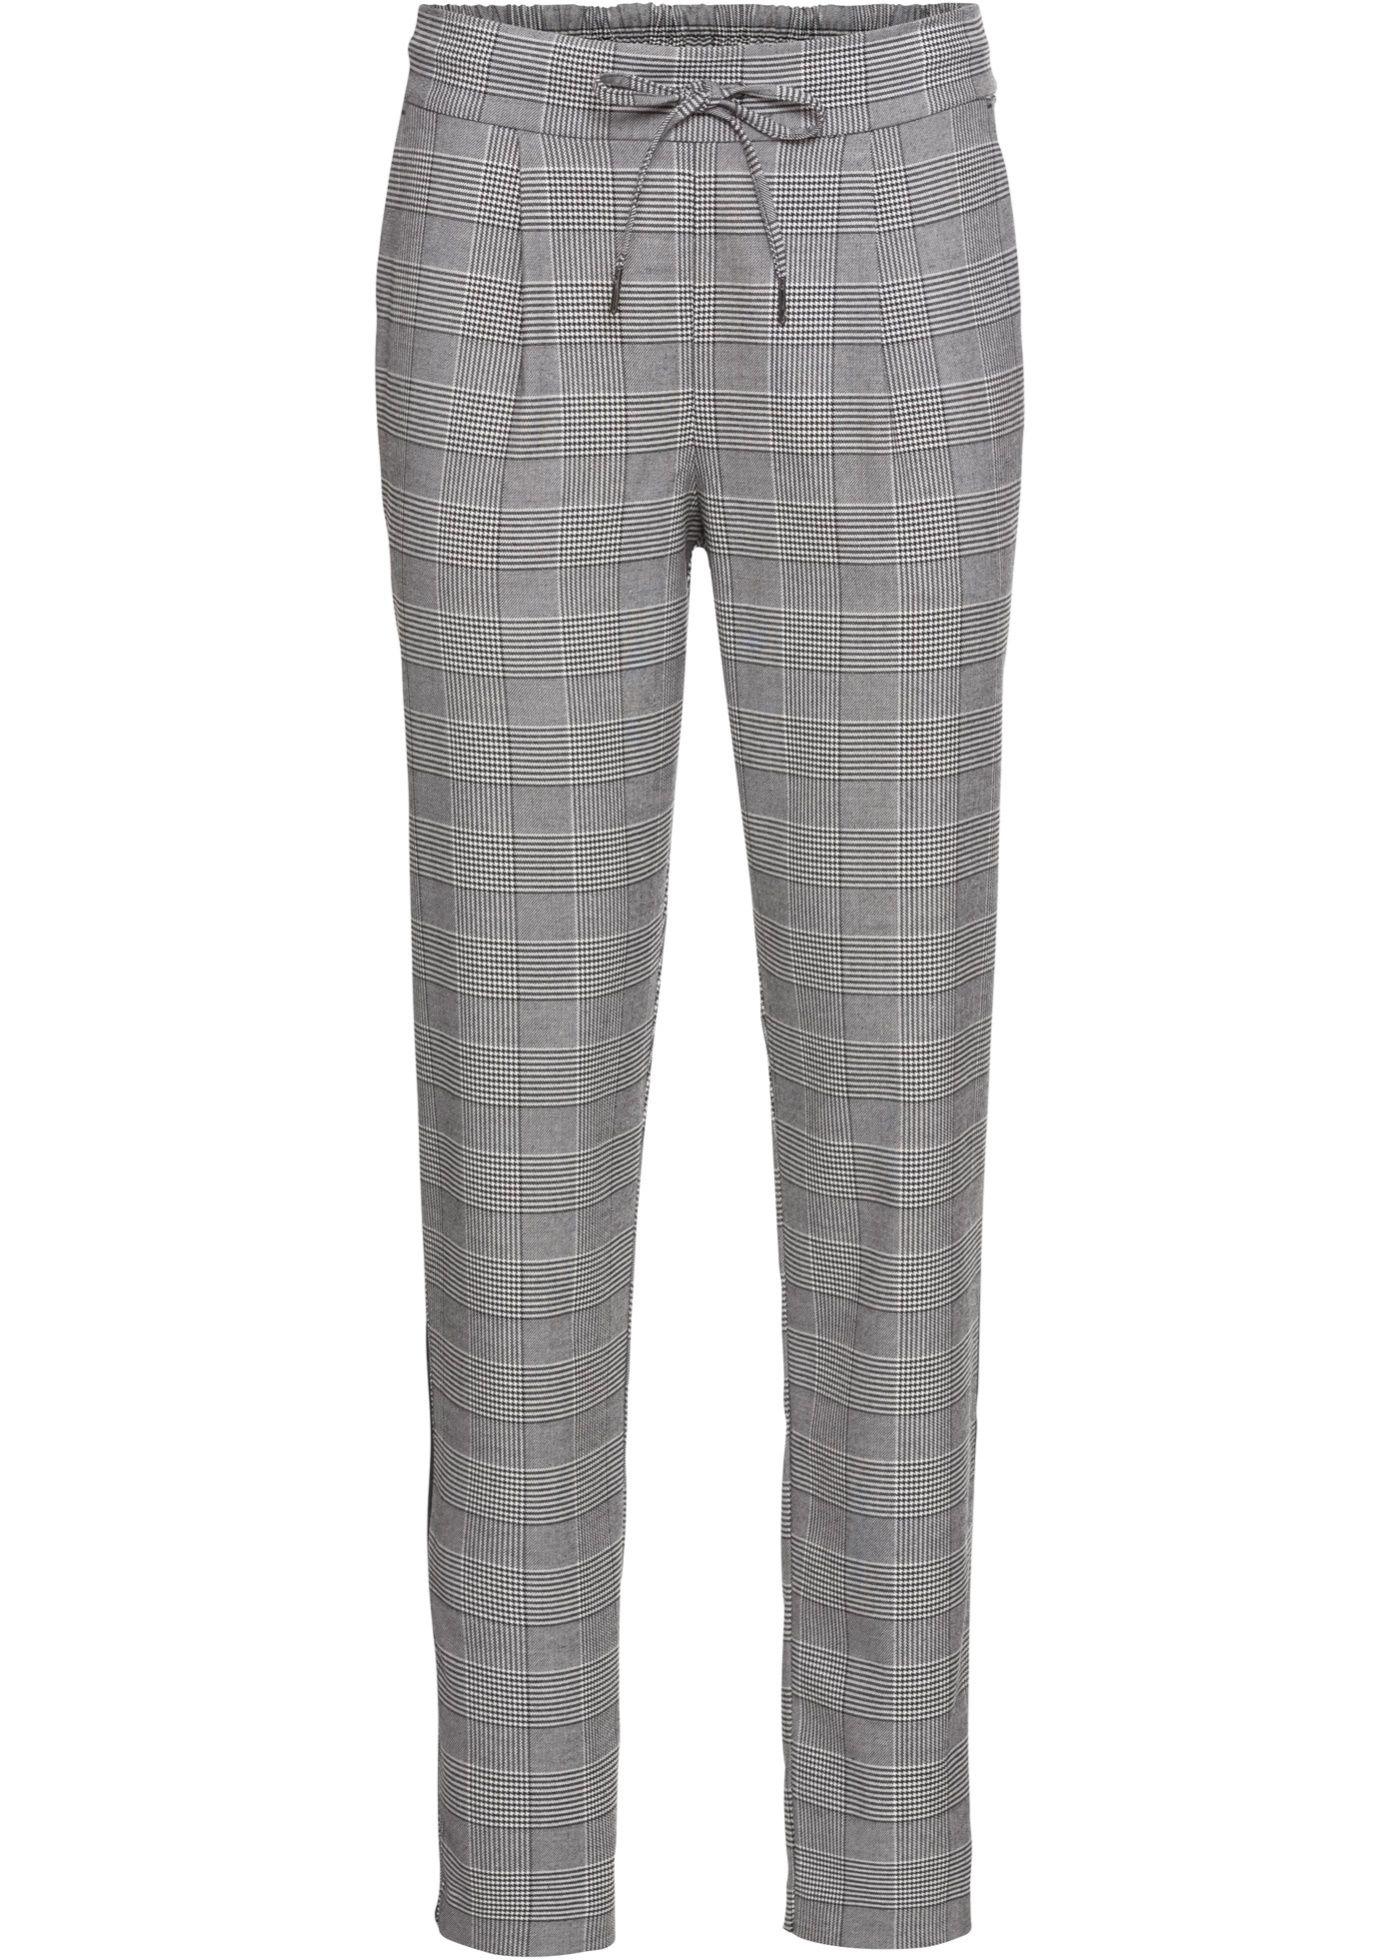 Hose Mit Streifeneinsatz Hosen Damen Gerade Hosen Und Hosen